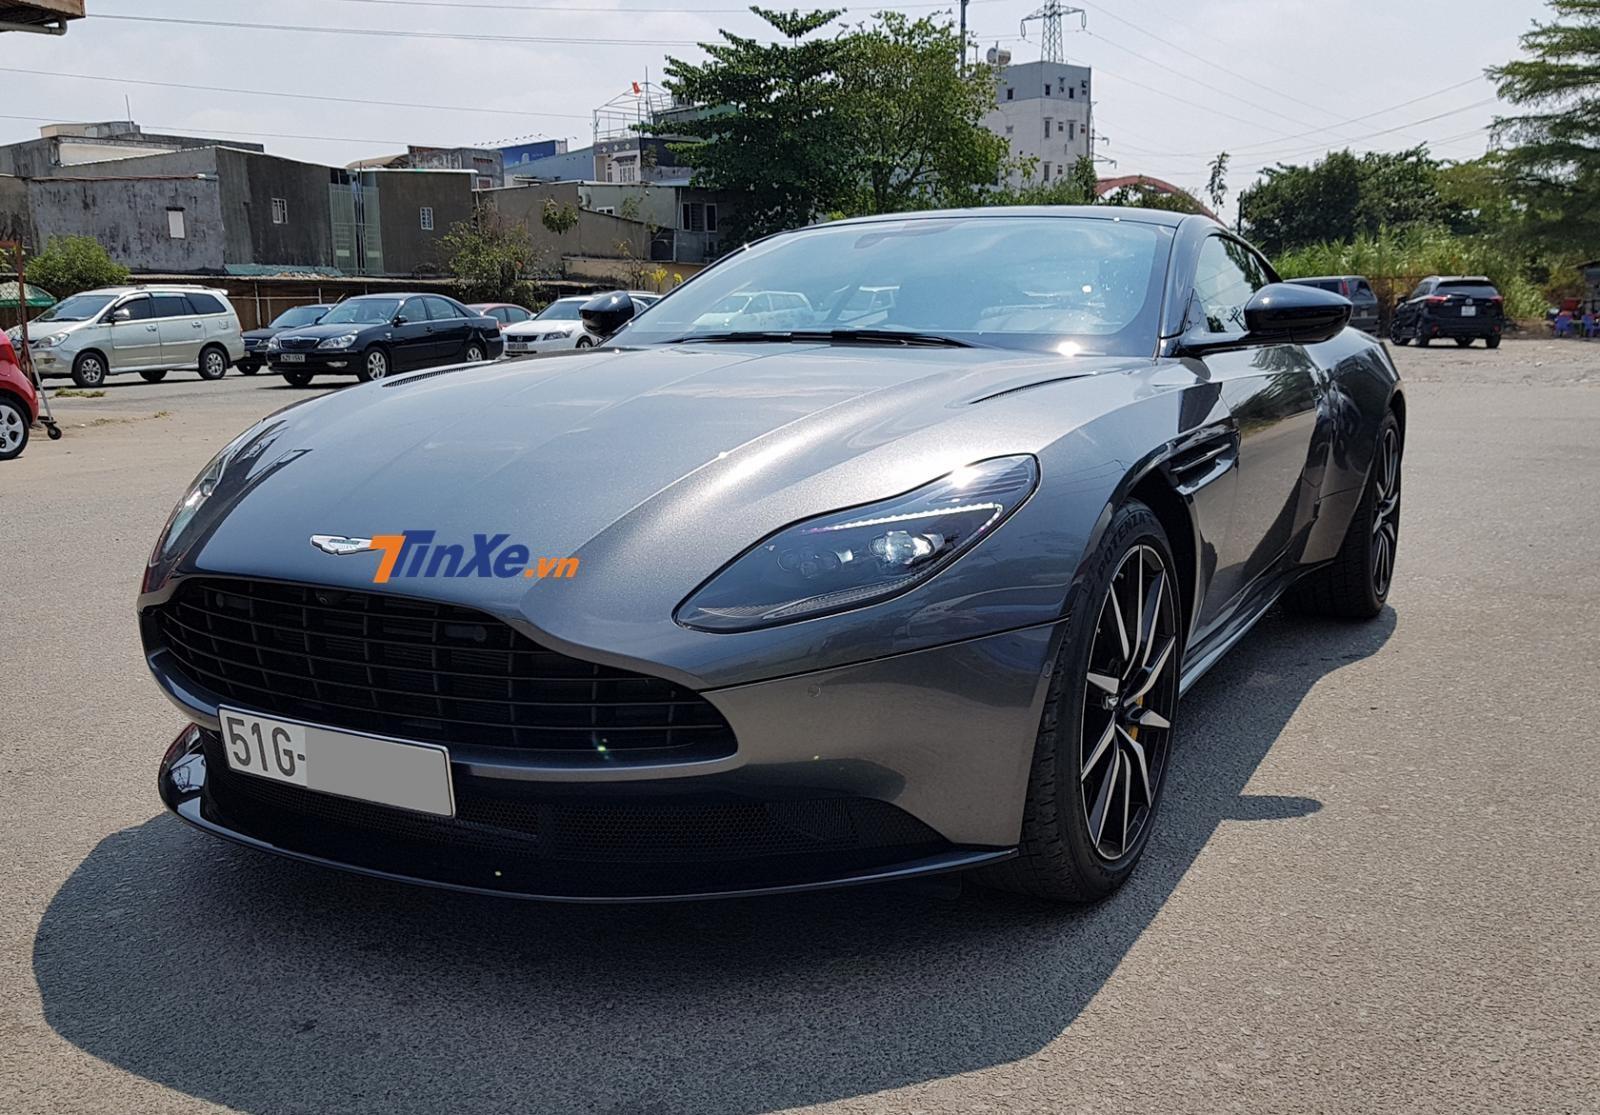 Aston Martin DB11 đầu tiên Việt Nam có giá ưu đãi hơn 14 tỷ đồng